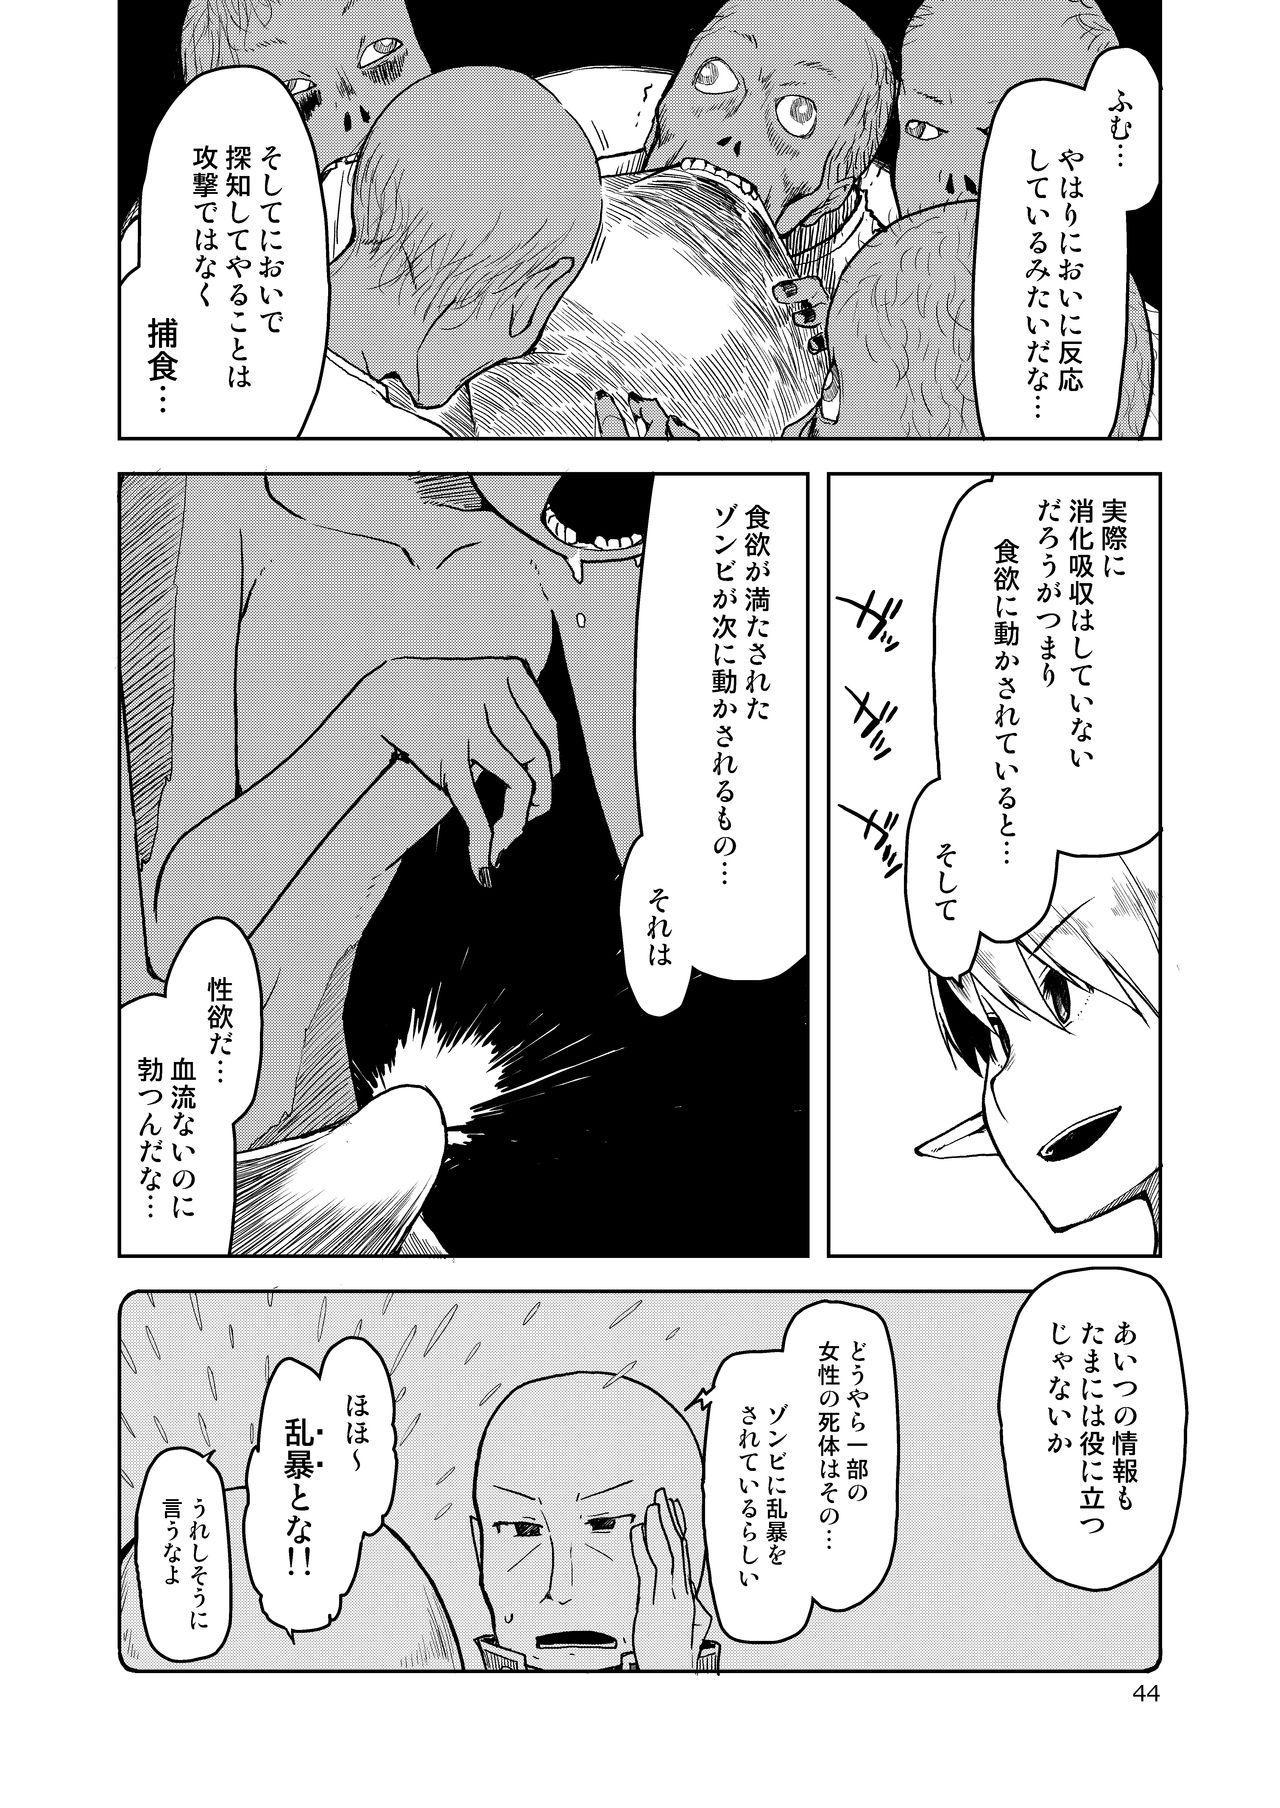 Dosukebe Elf no Ishukan Nikki Matome 2 44